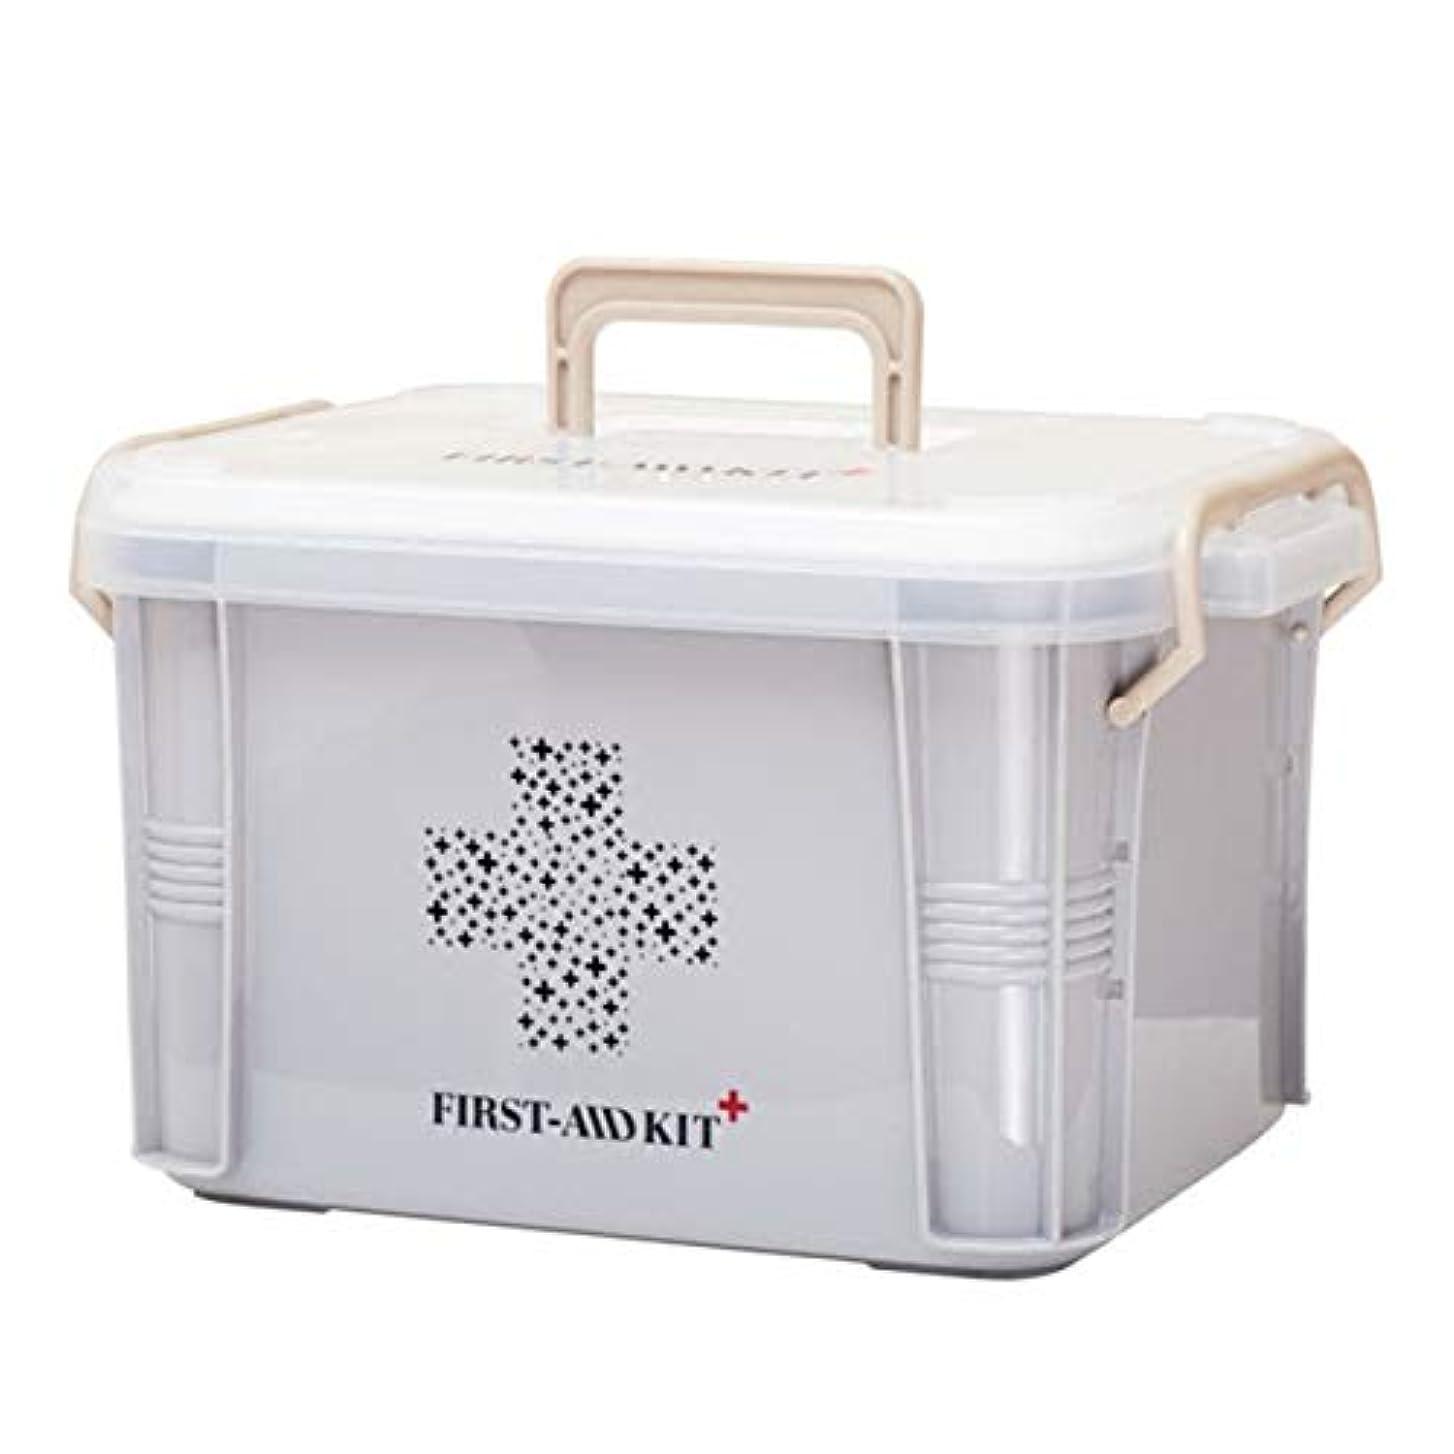 鉱夫モディッシュシングルSaikogoods 実用的なデザインホーム用薬箱ファーストエイドキットボックスプラスチック容器の救急キットポータブルストレージオーガナイザー グレー S